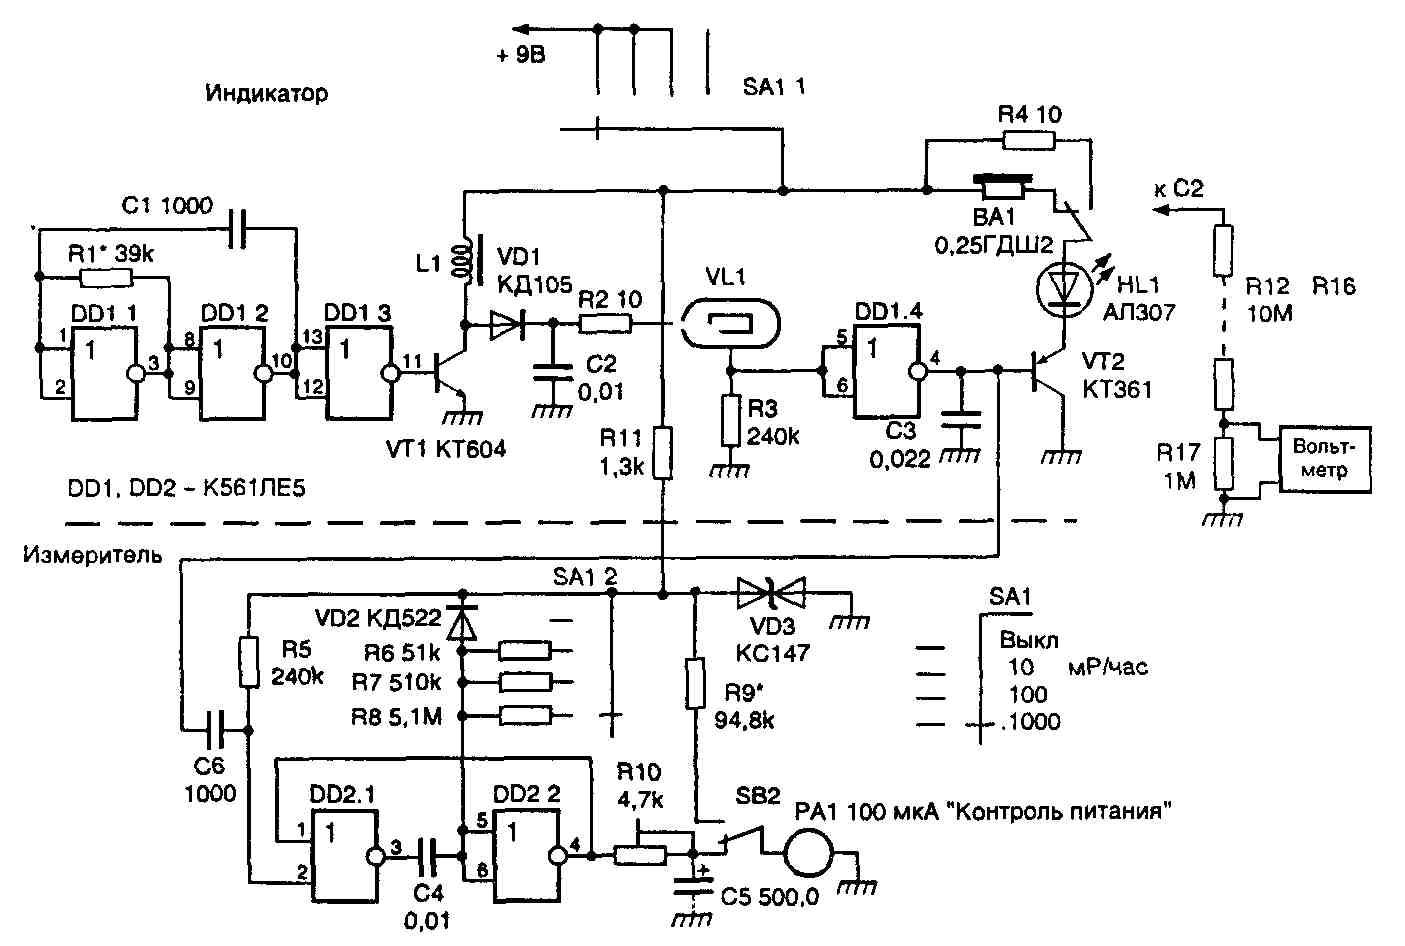 Задающий генератор с частотой около 700 Гц собран на элементах DD1.1, DD1.2.